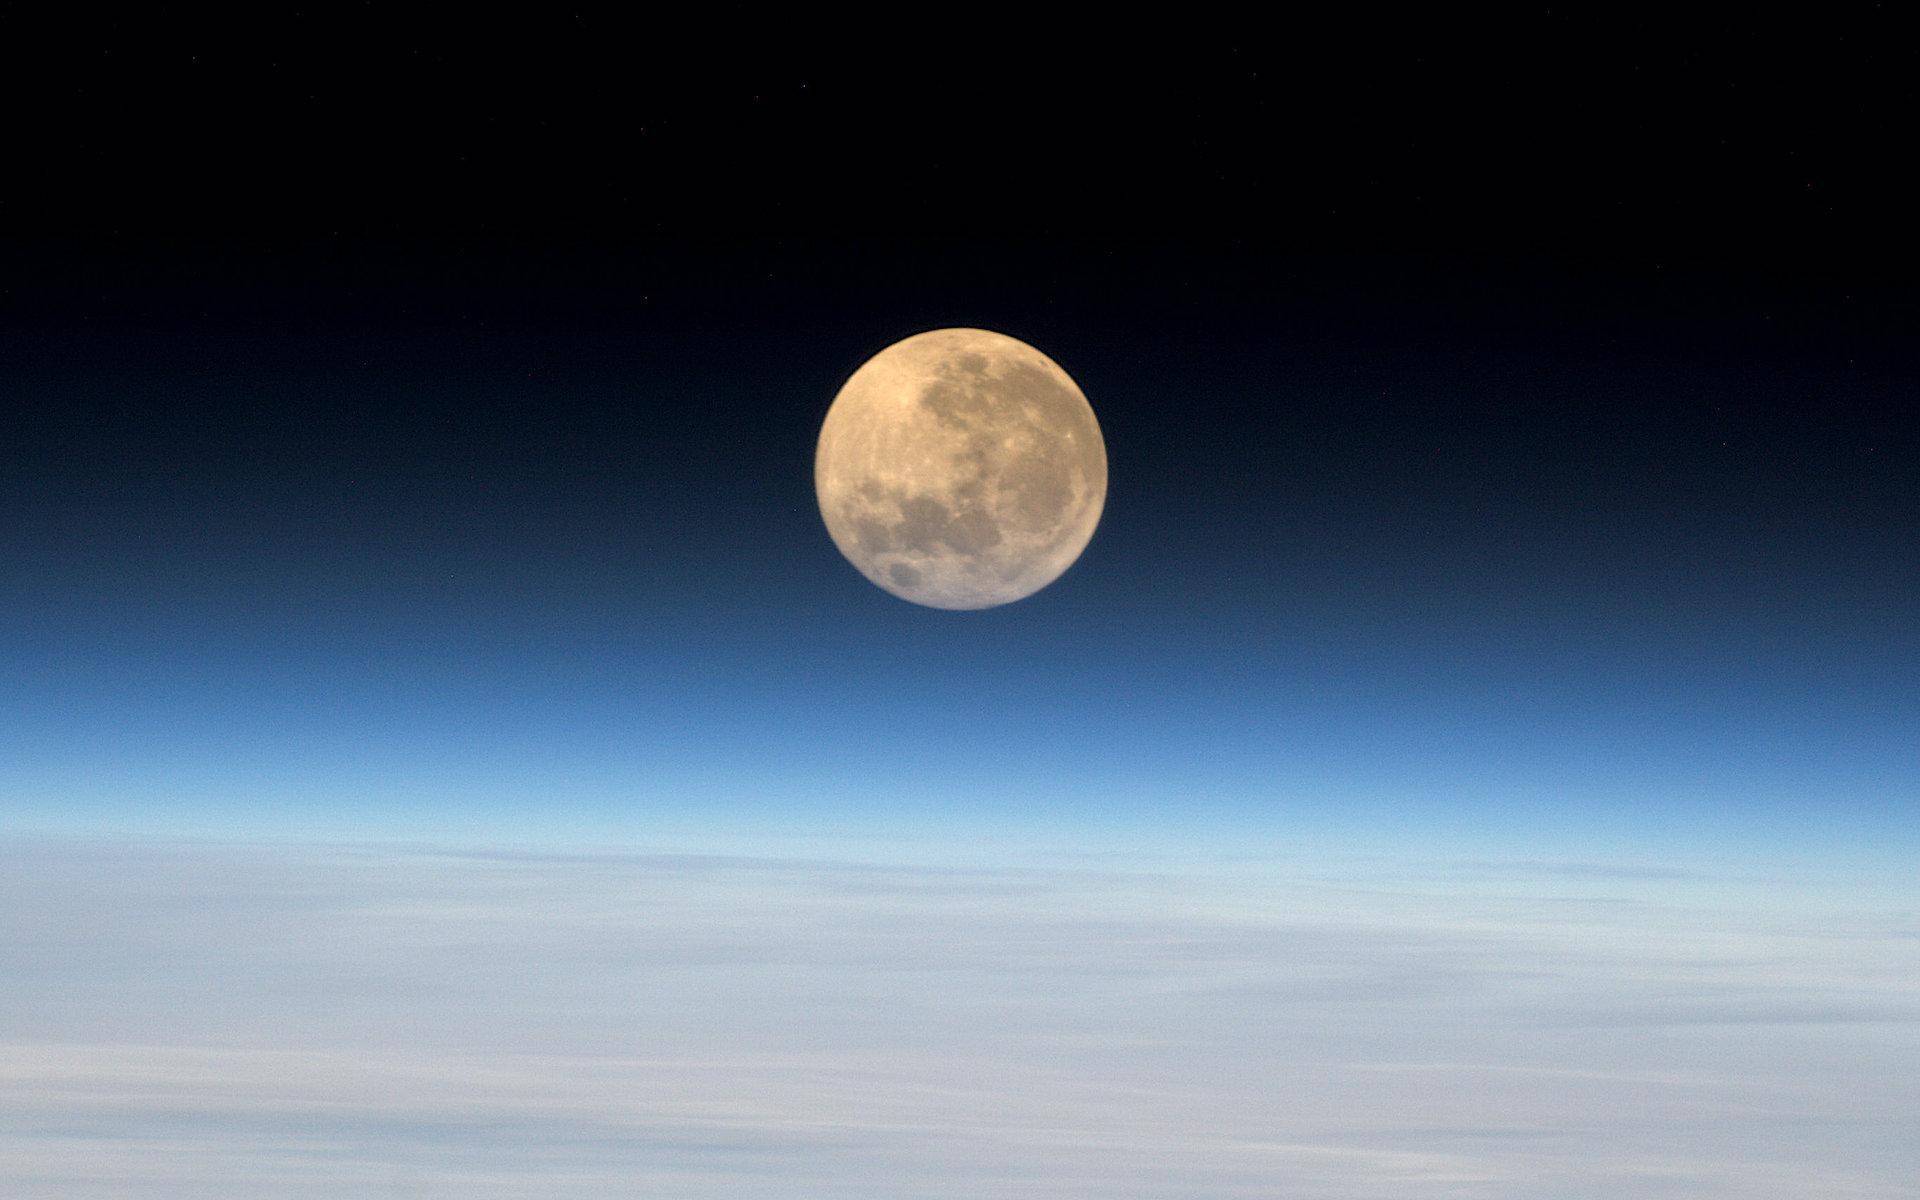 Llega la Superluna de marzo de 2020: Super Worm Moon